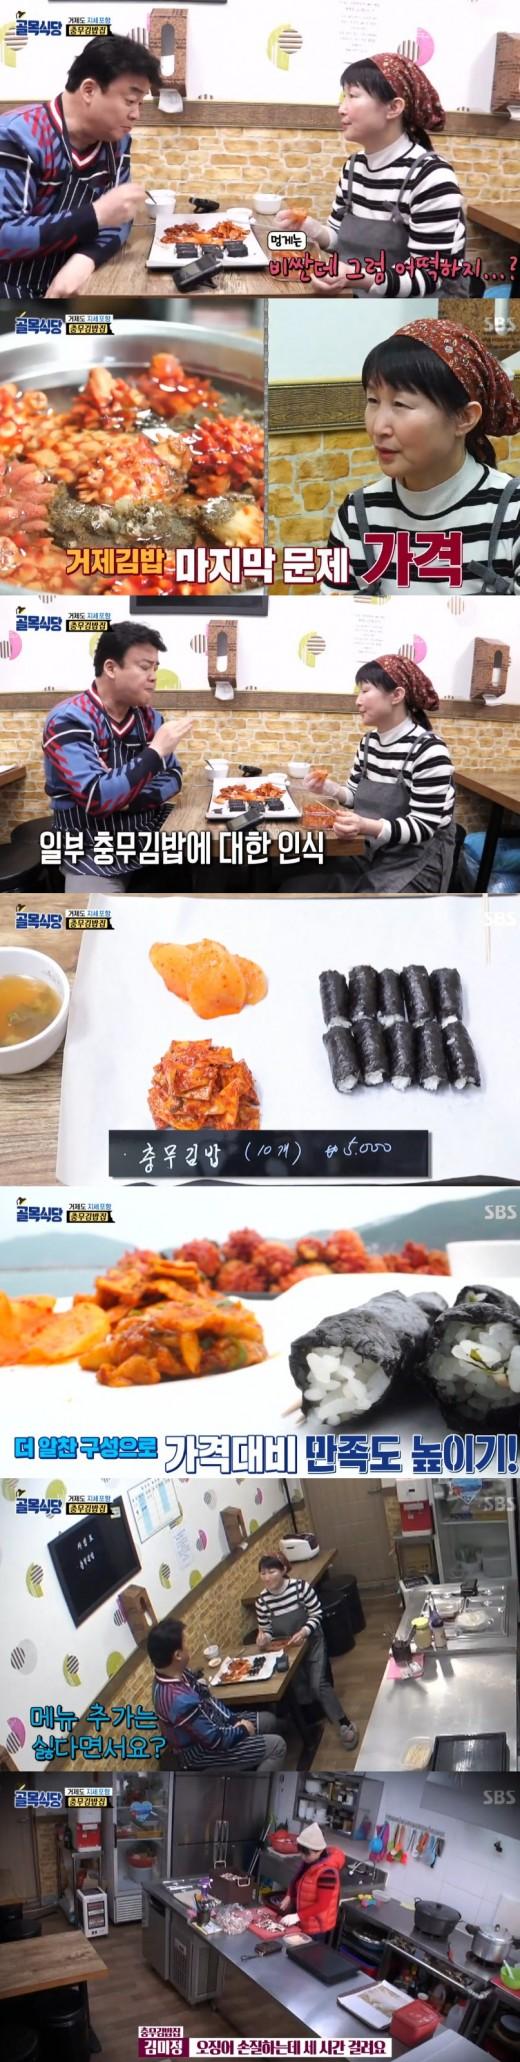 '골목식당' 충무김밥은 비싼 요리? 가격 진통 예고[TV줌인]